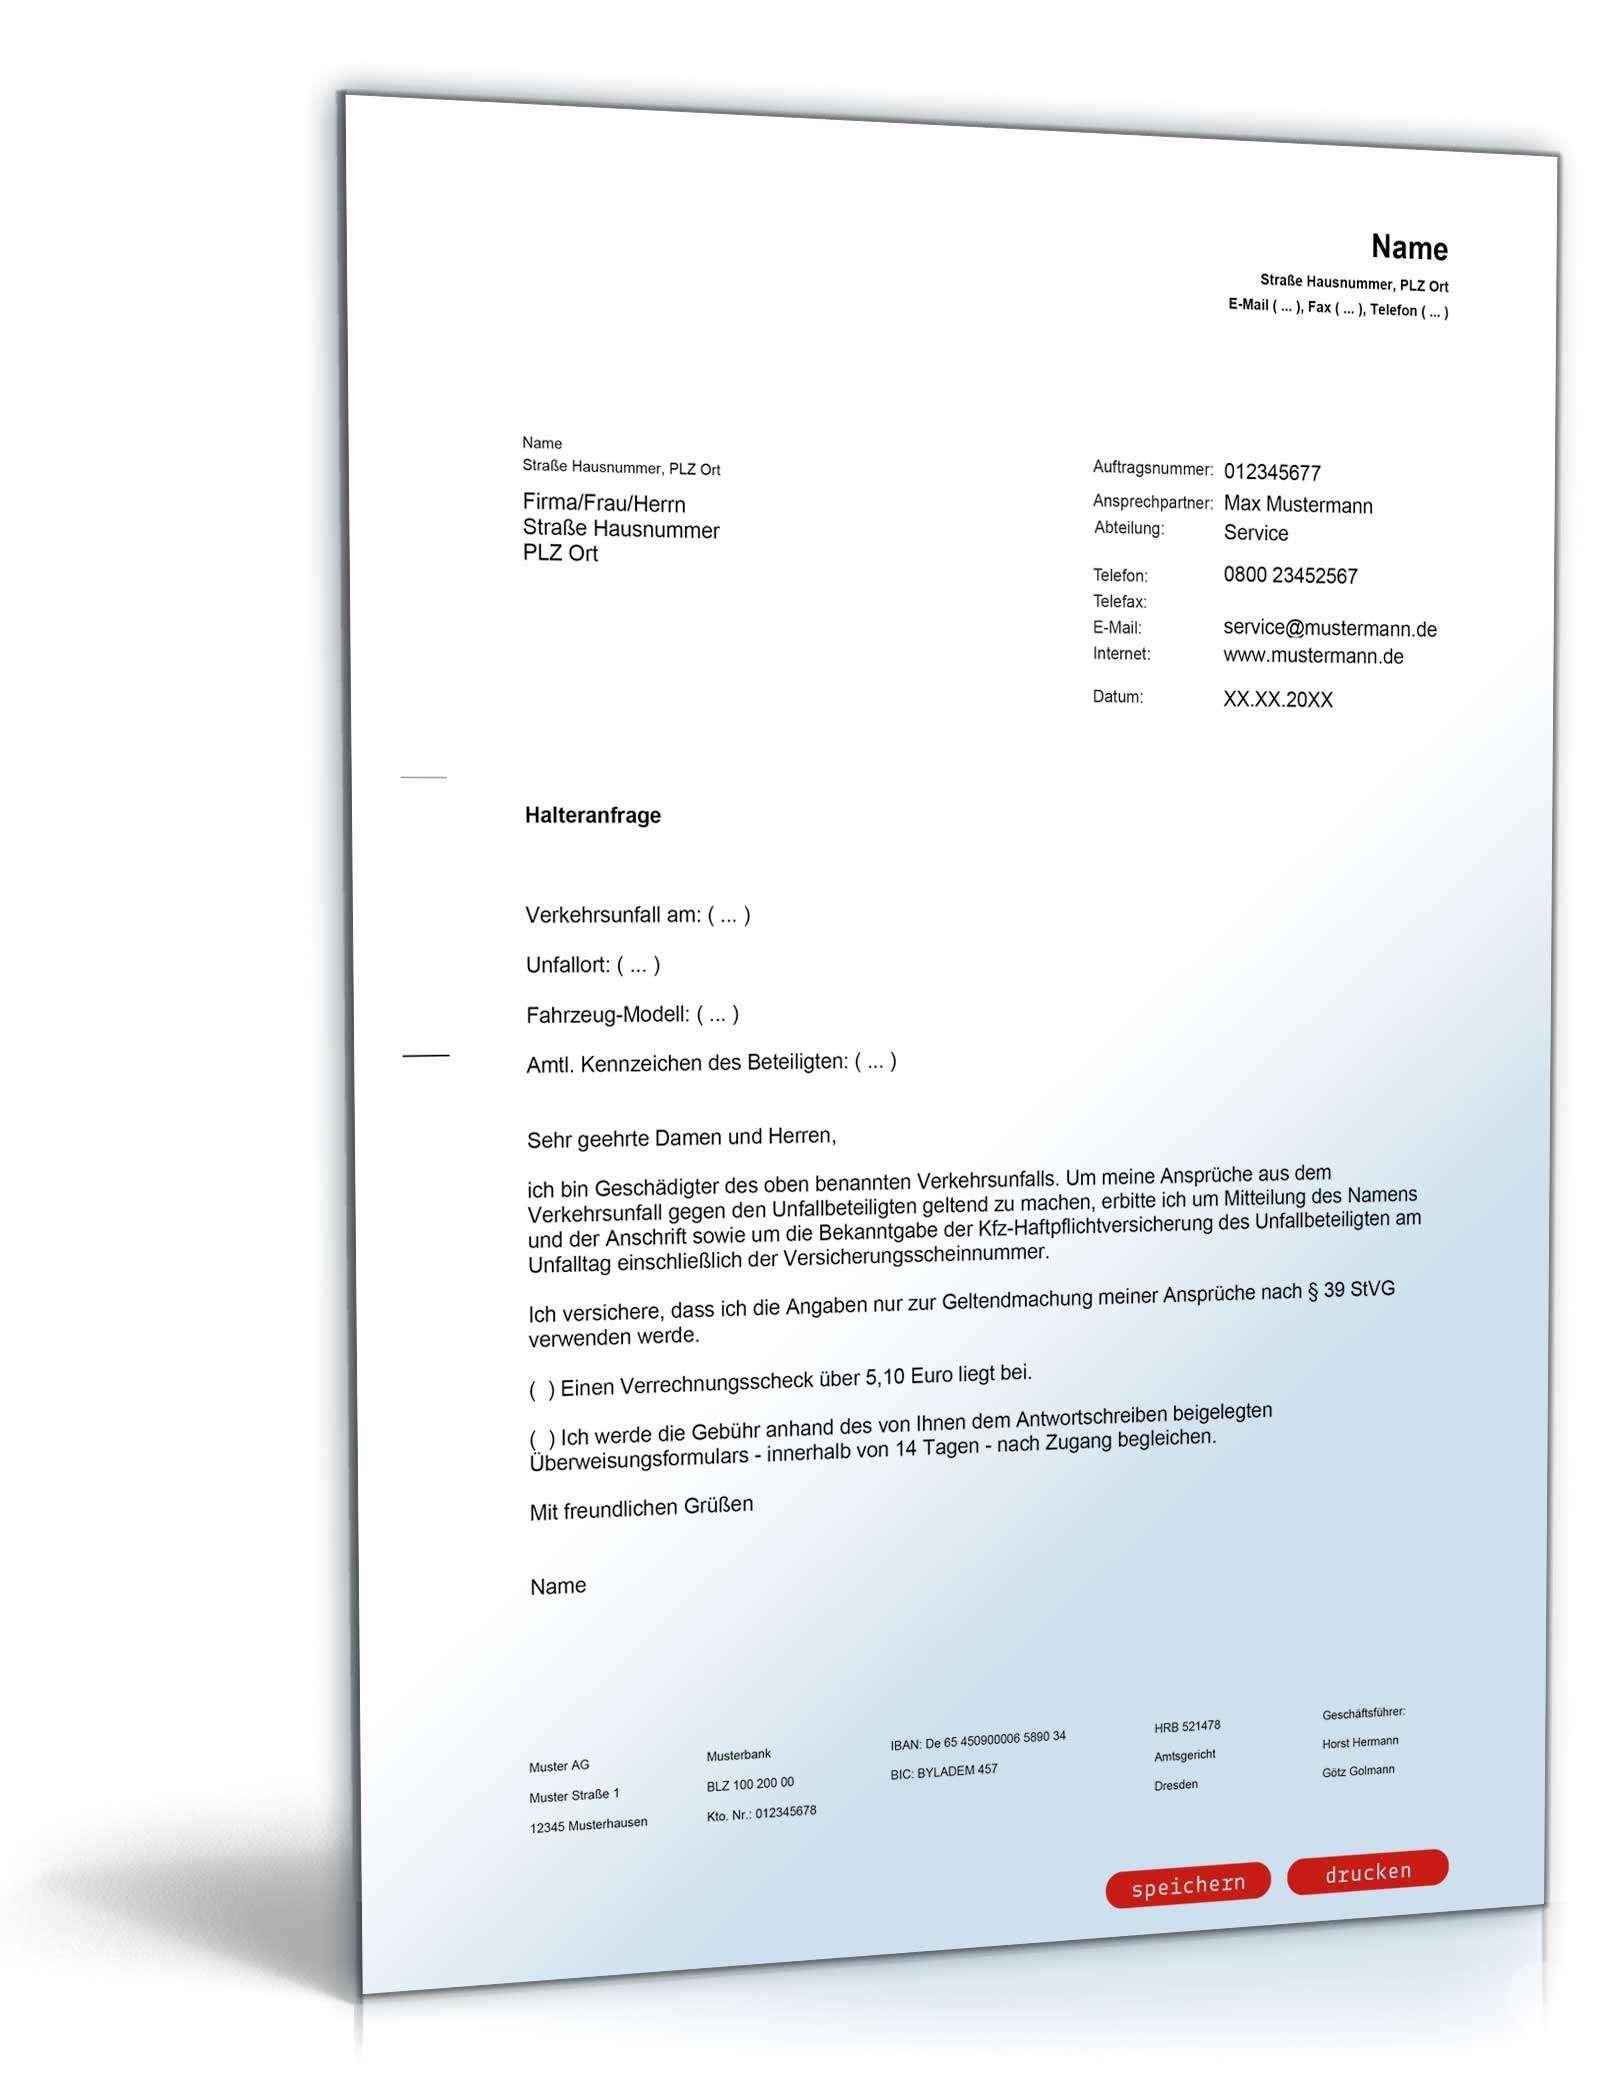 Halteranfrage Registerauskunft Muster Zum Download